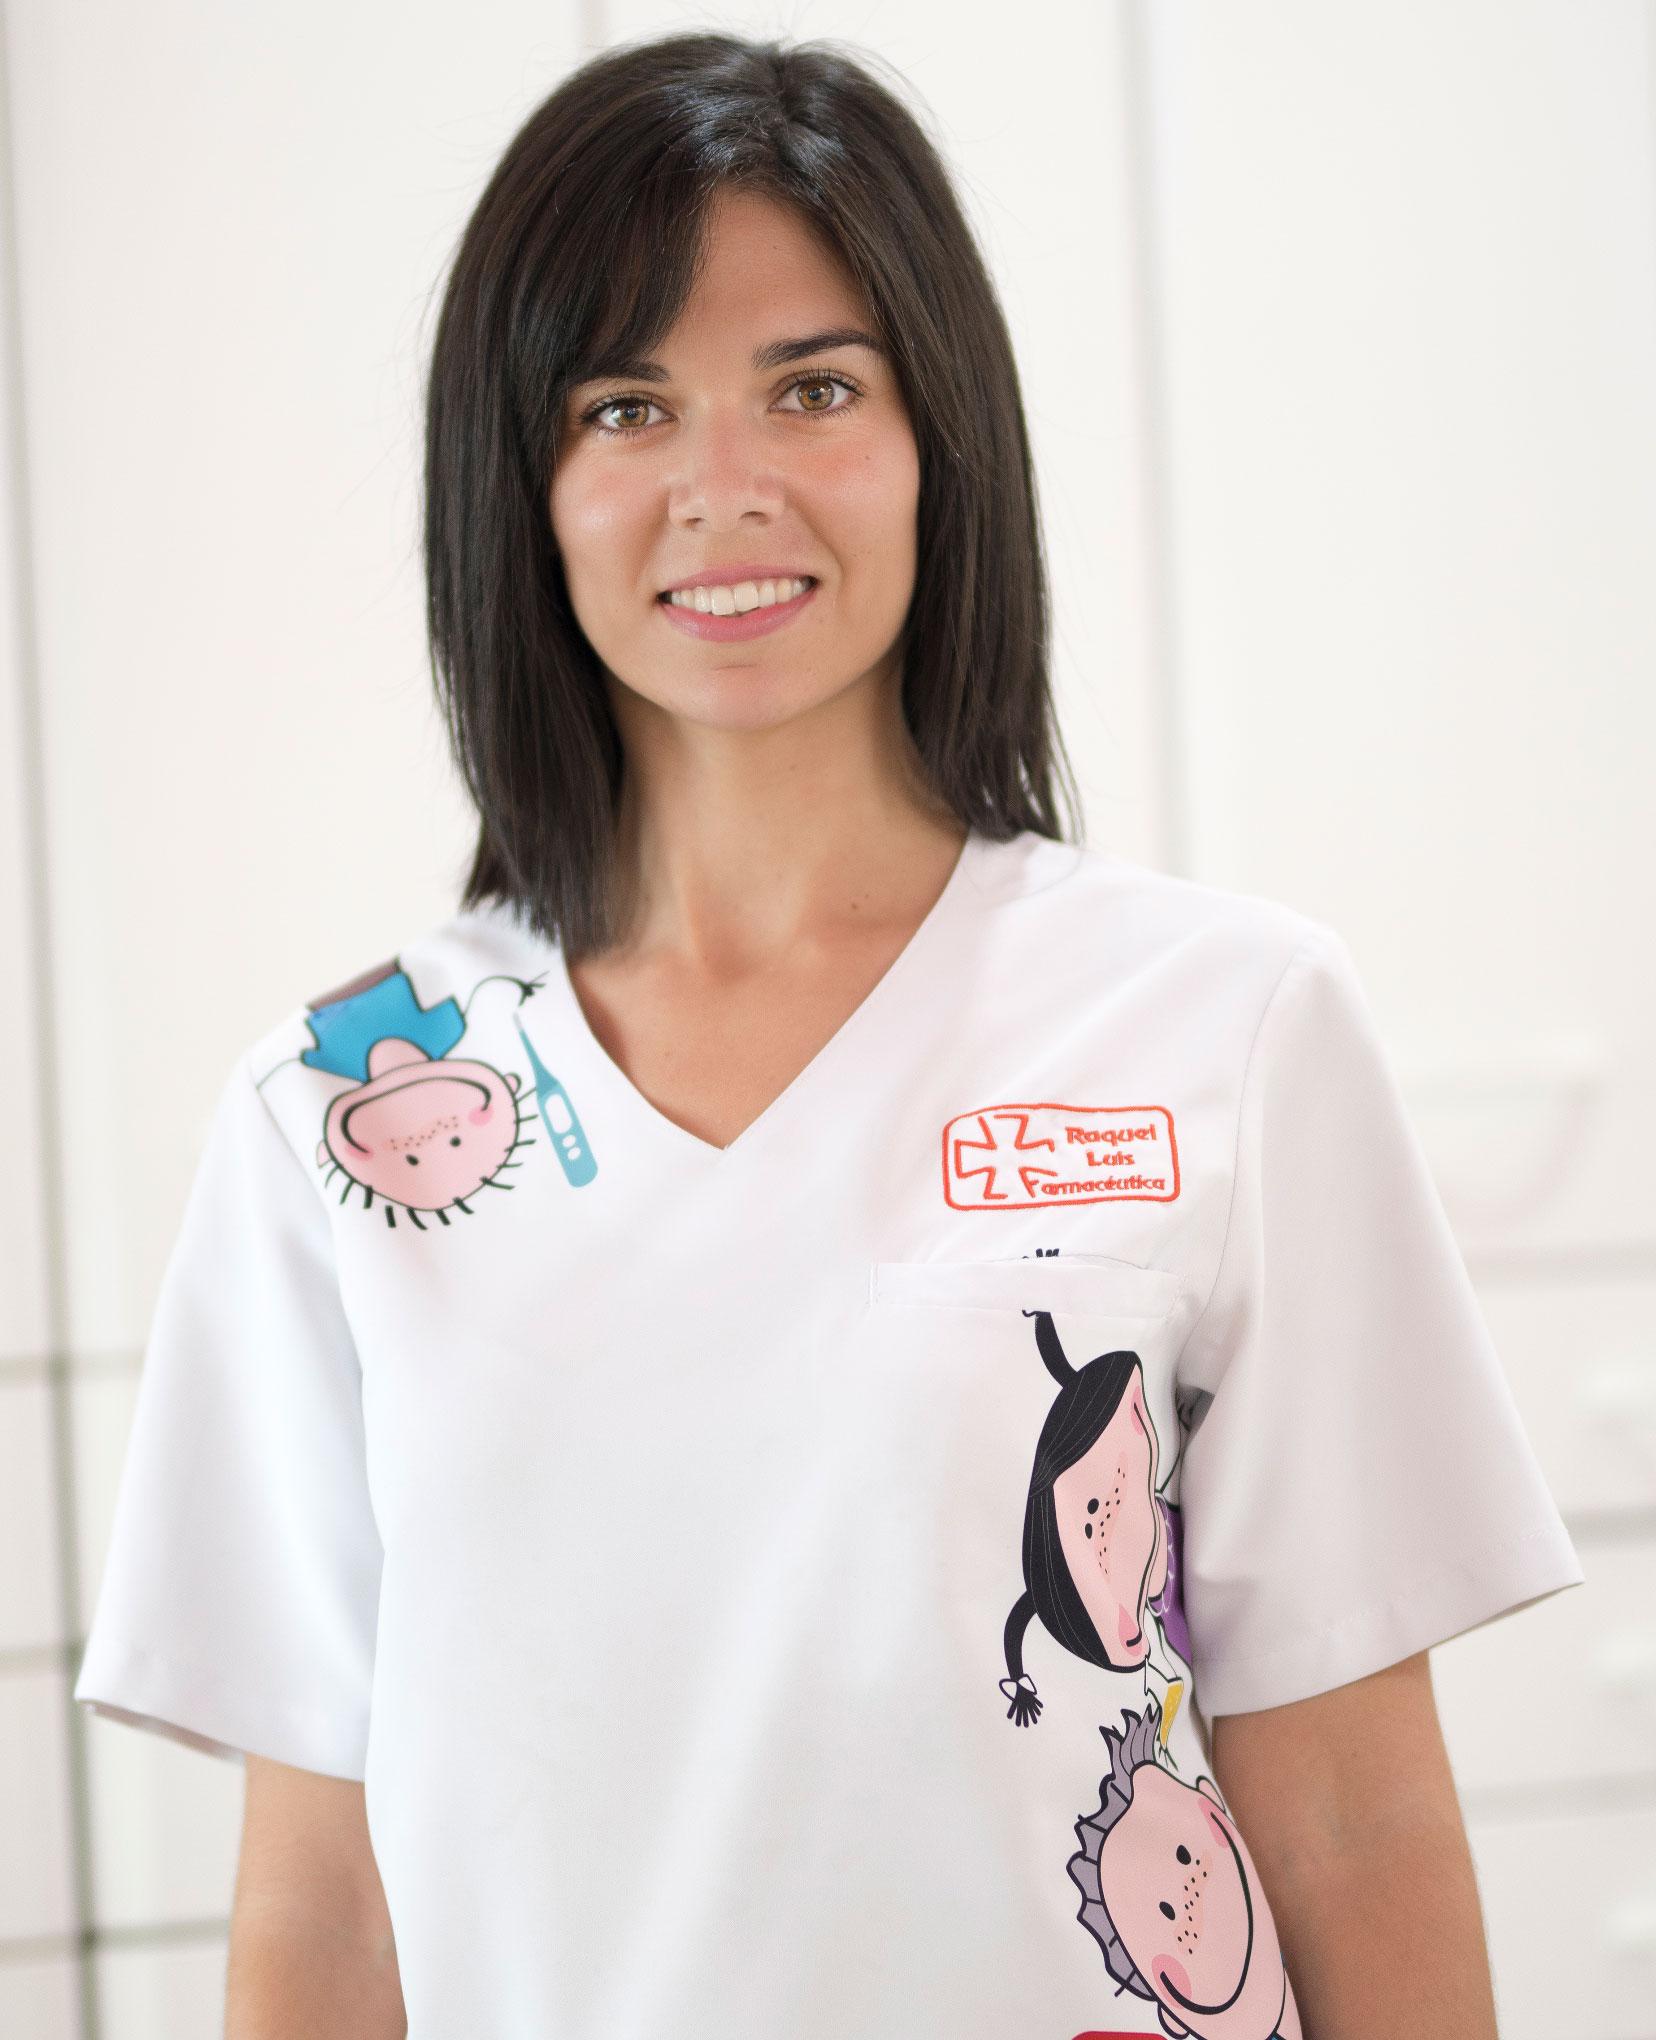 Raquel-Luis-Hernandez